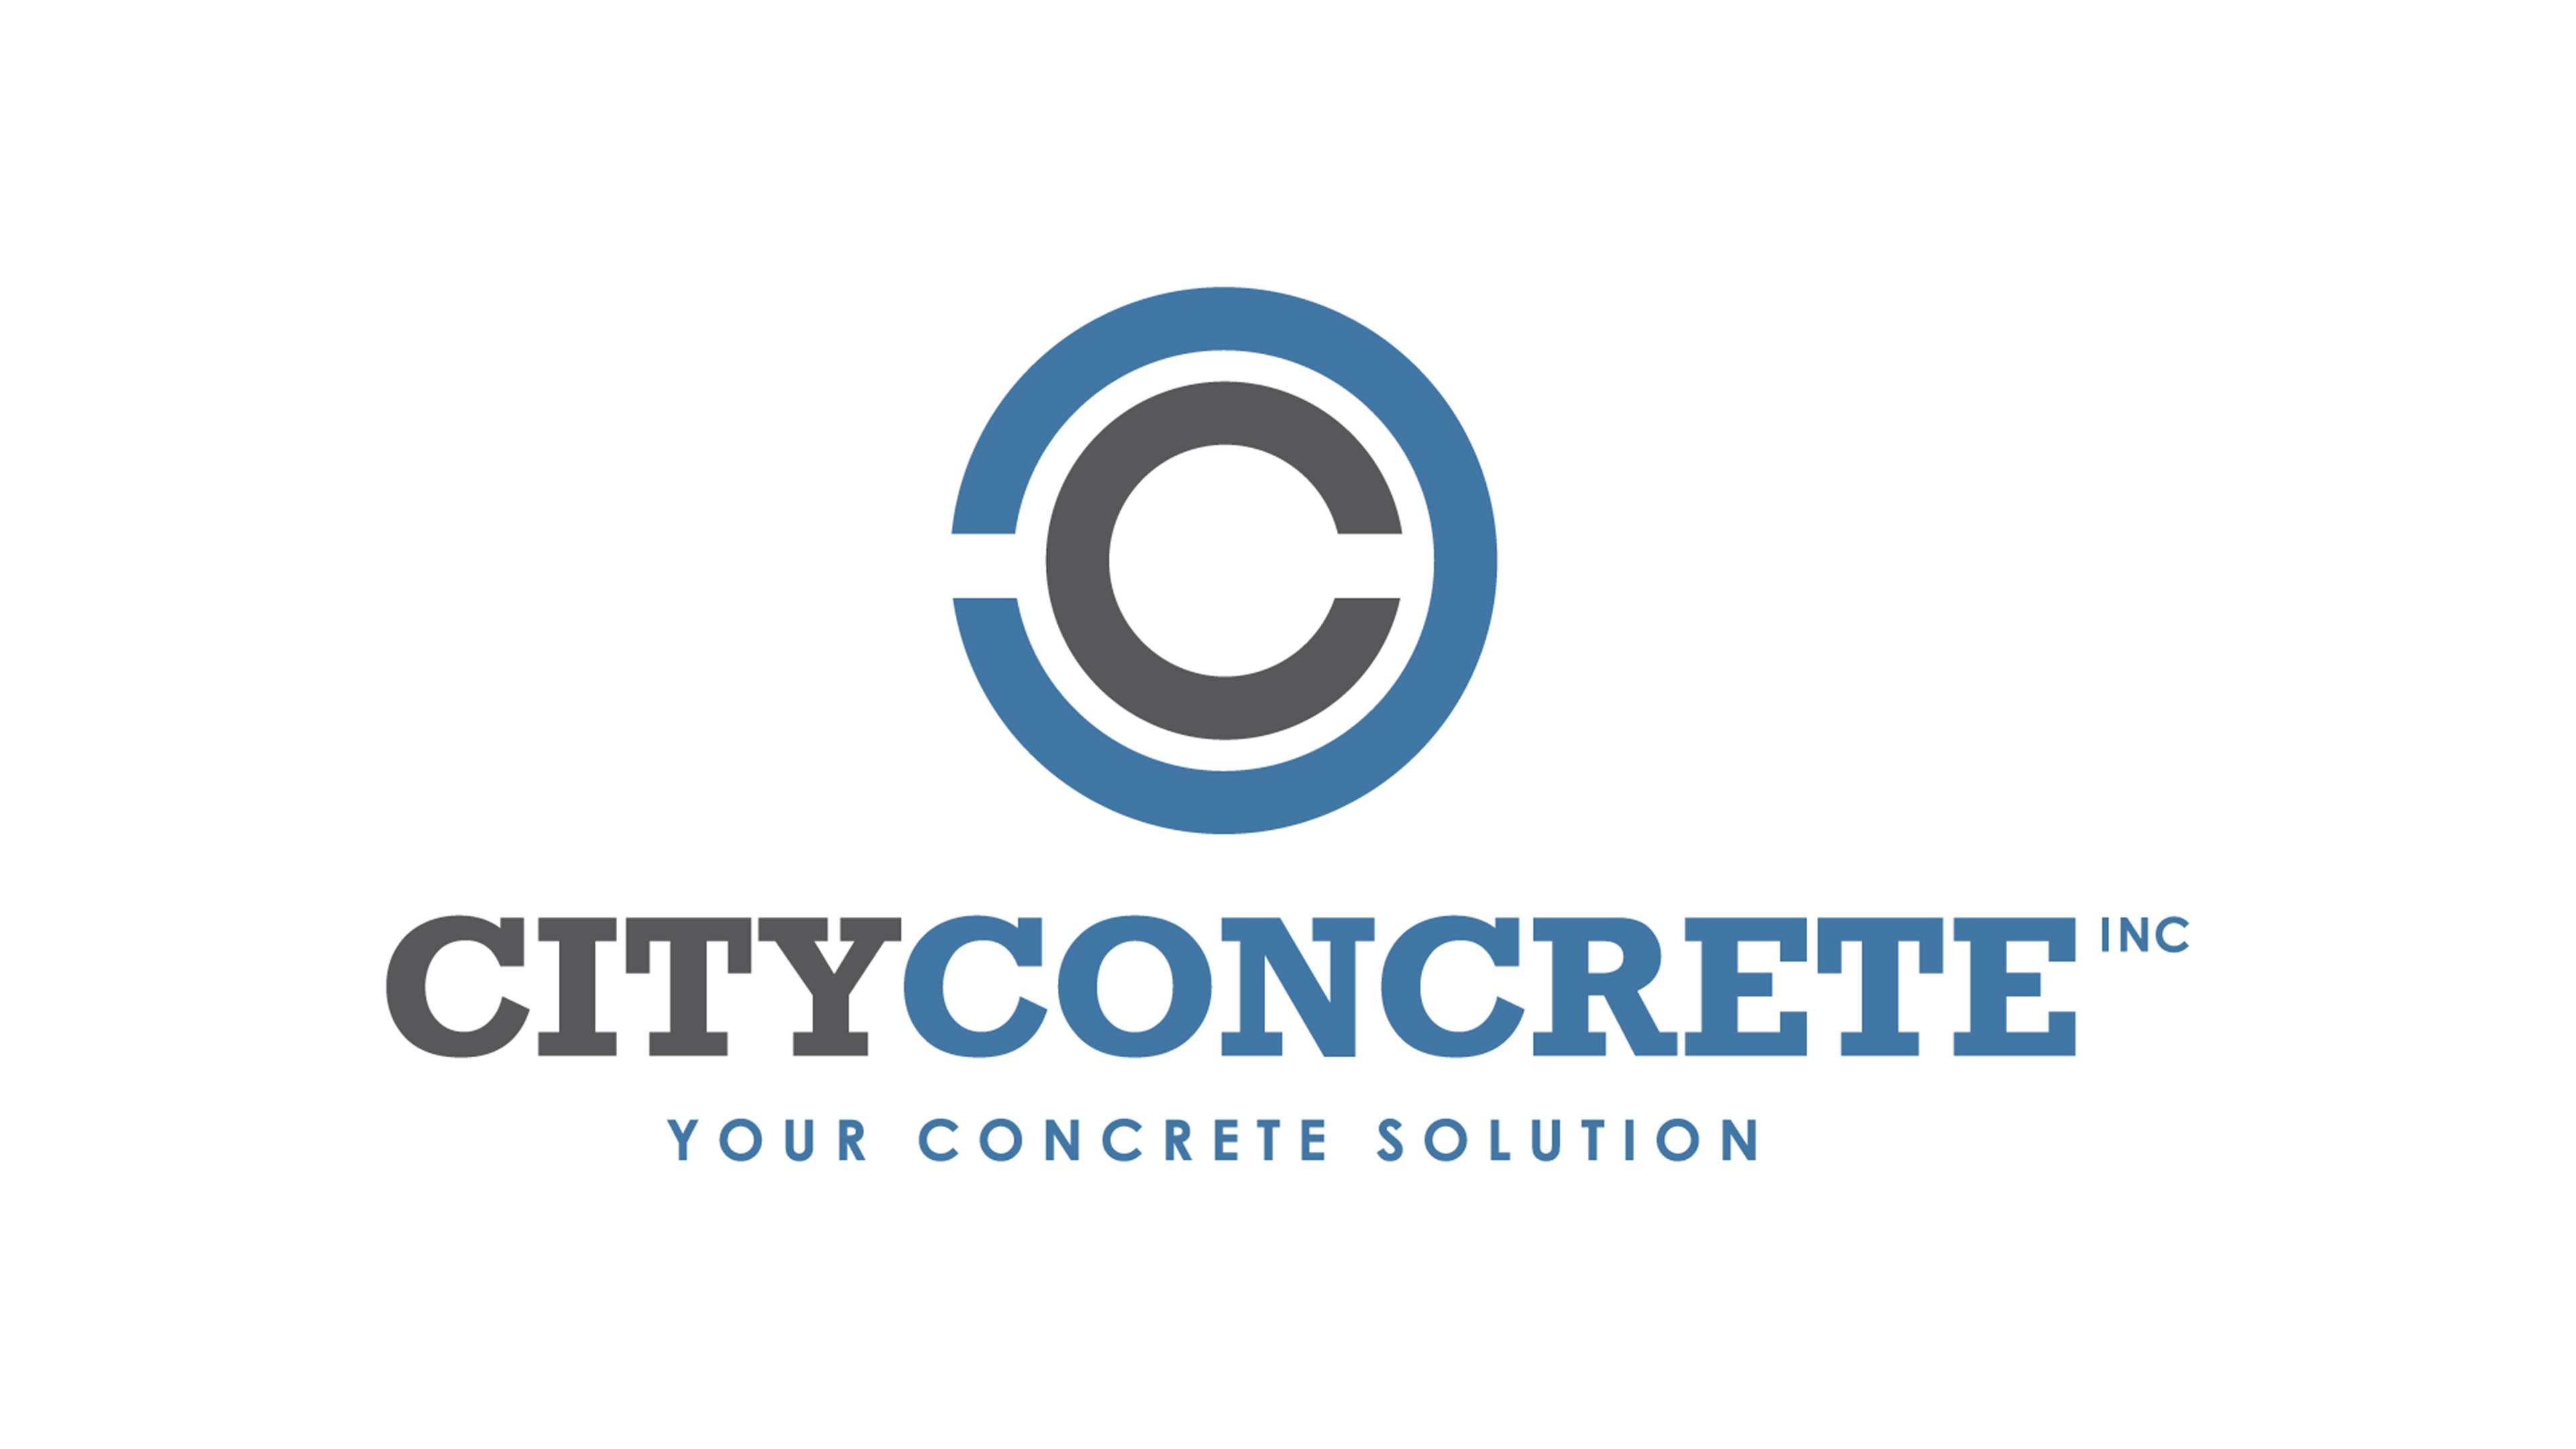 CityConcrete